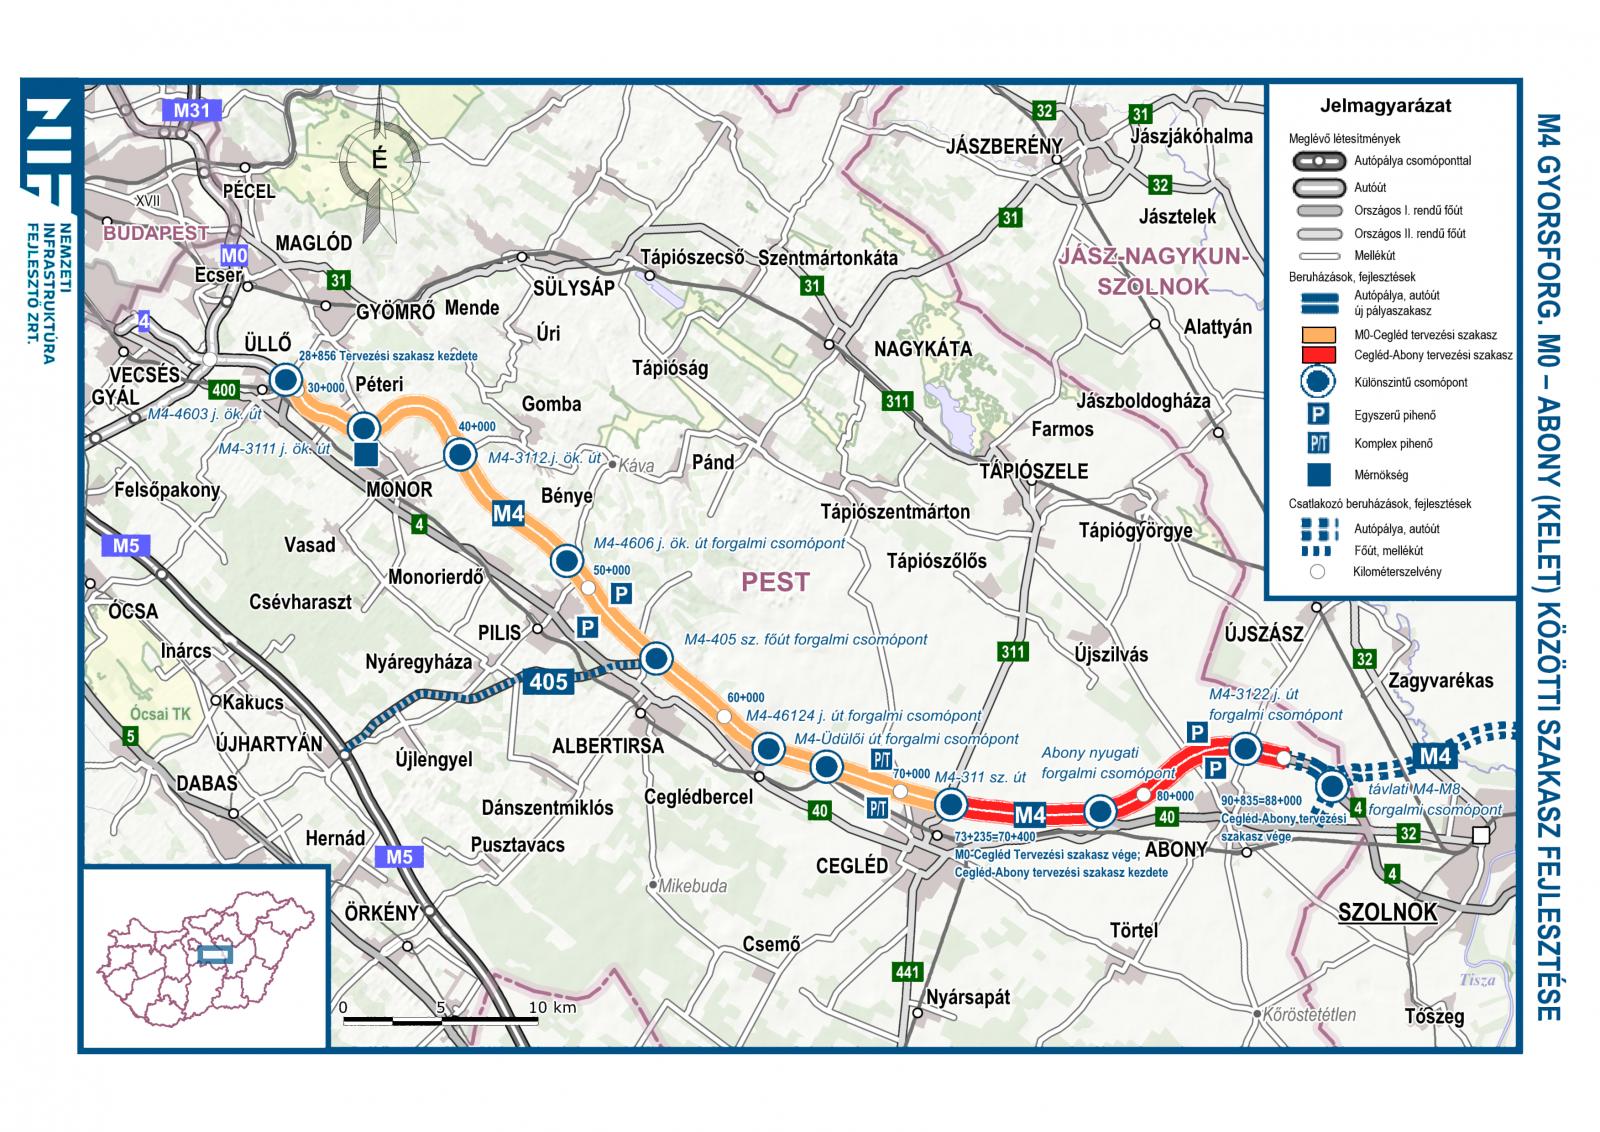 Akár már idén elkezdődhet az M4 gyorsforgalmi út építése